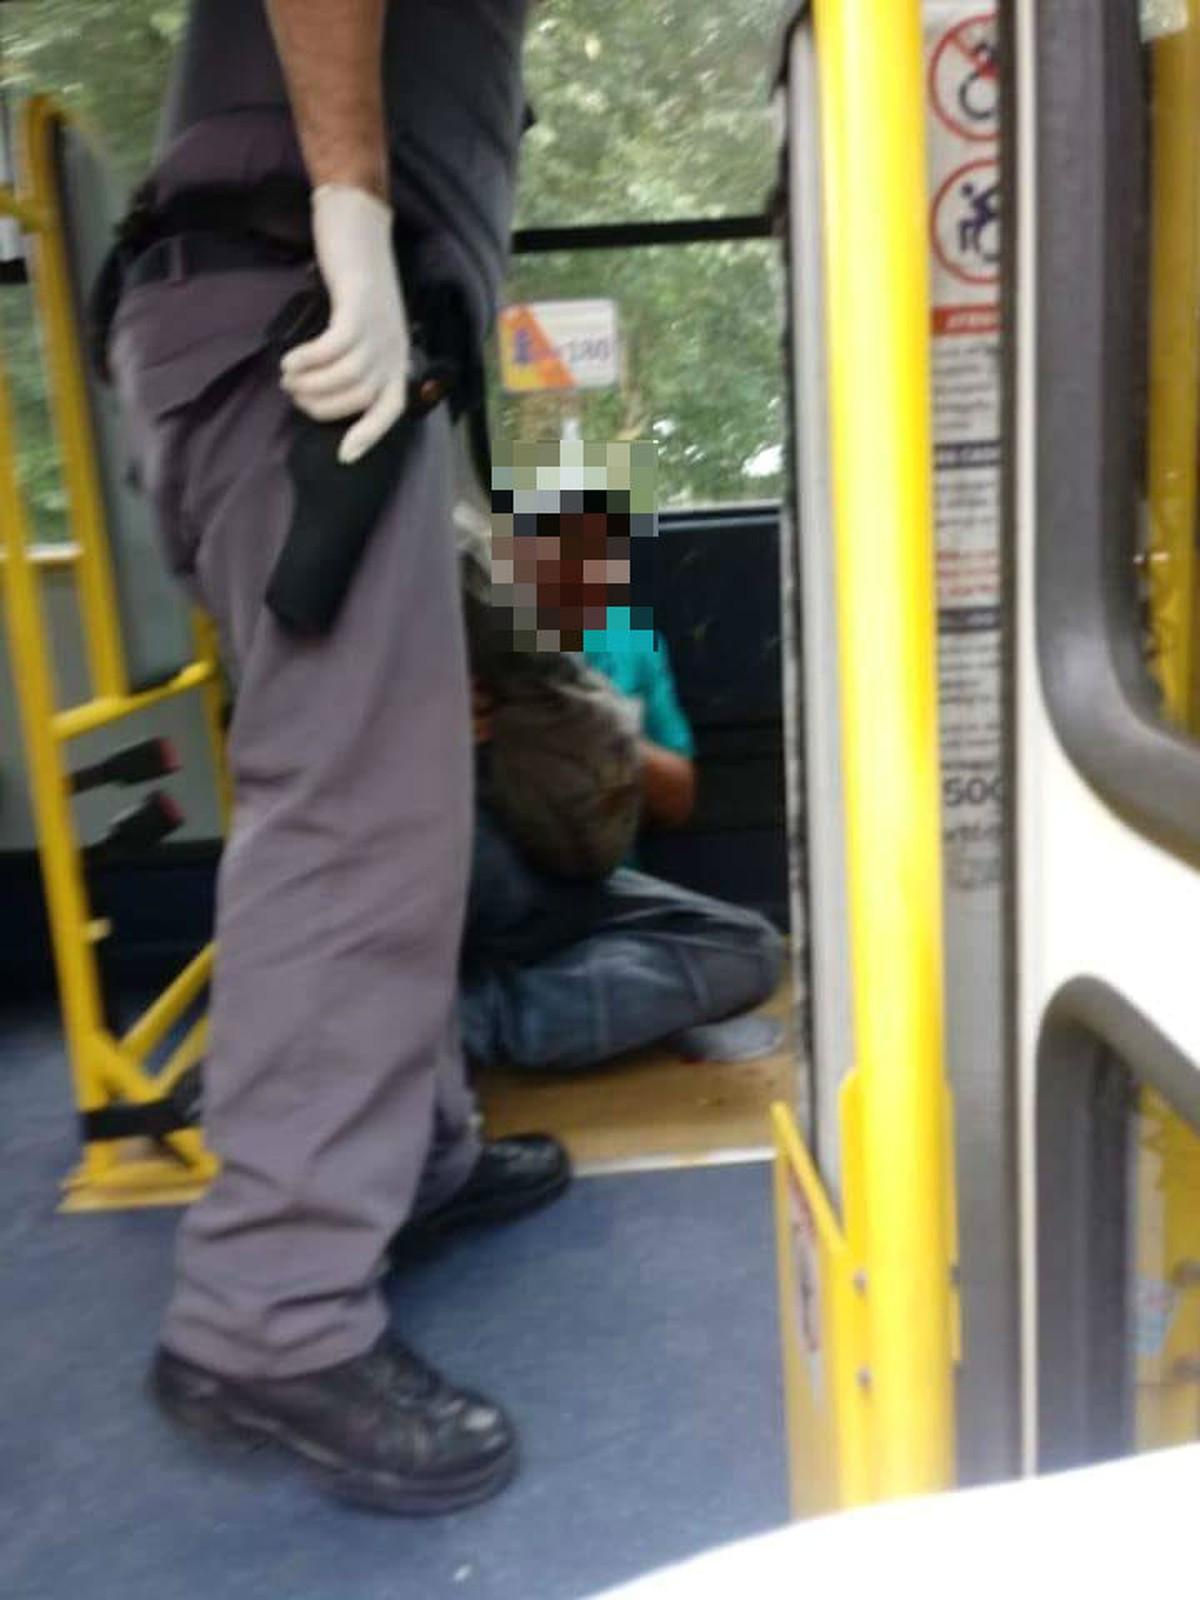 Grávida vítima de tarado em ônibus pediu ajuda por celular: 'Humilhação'